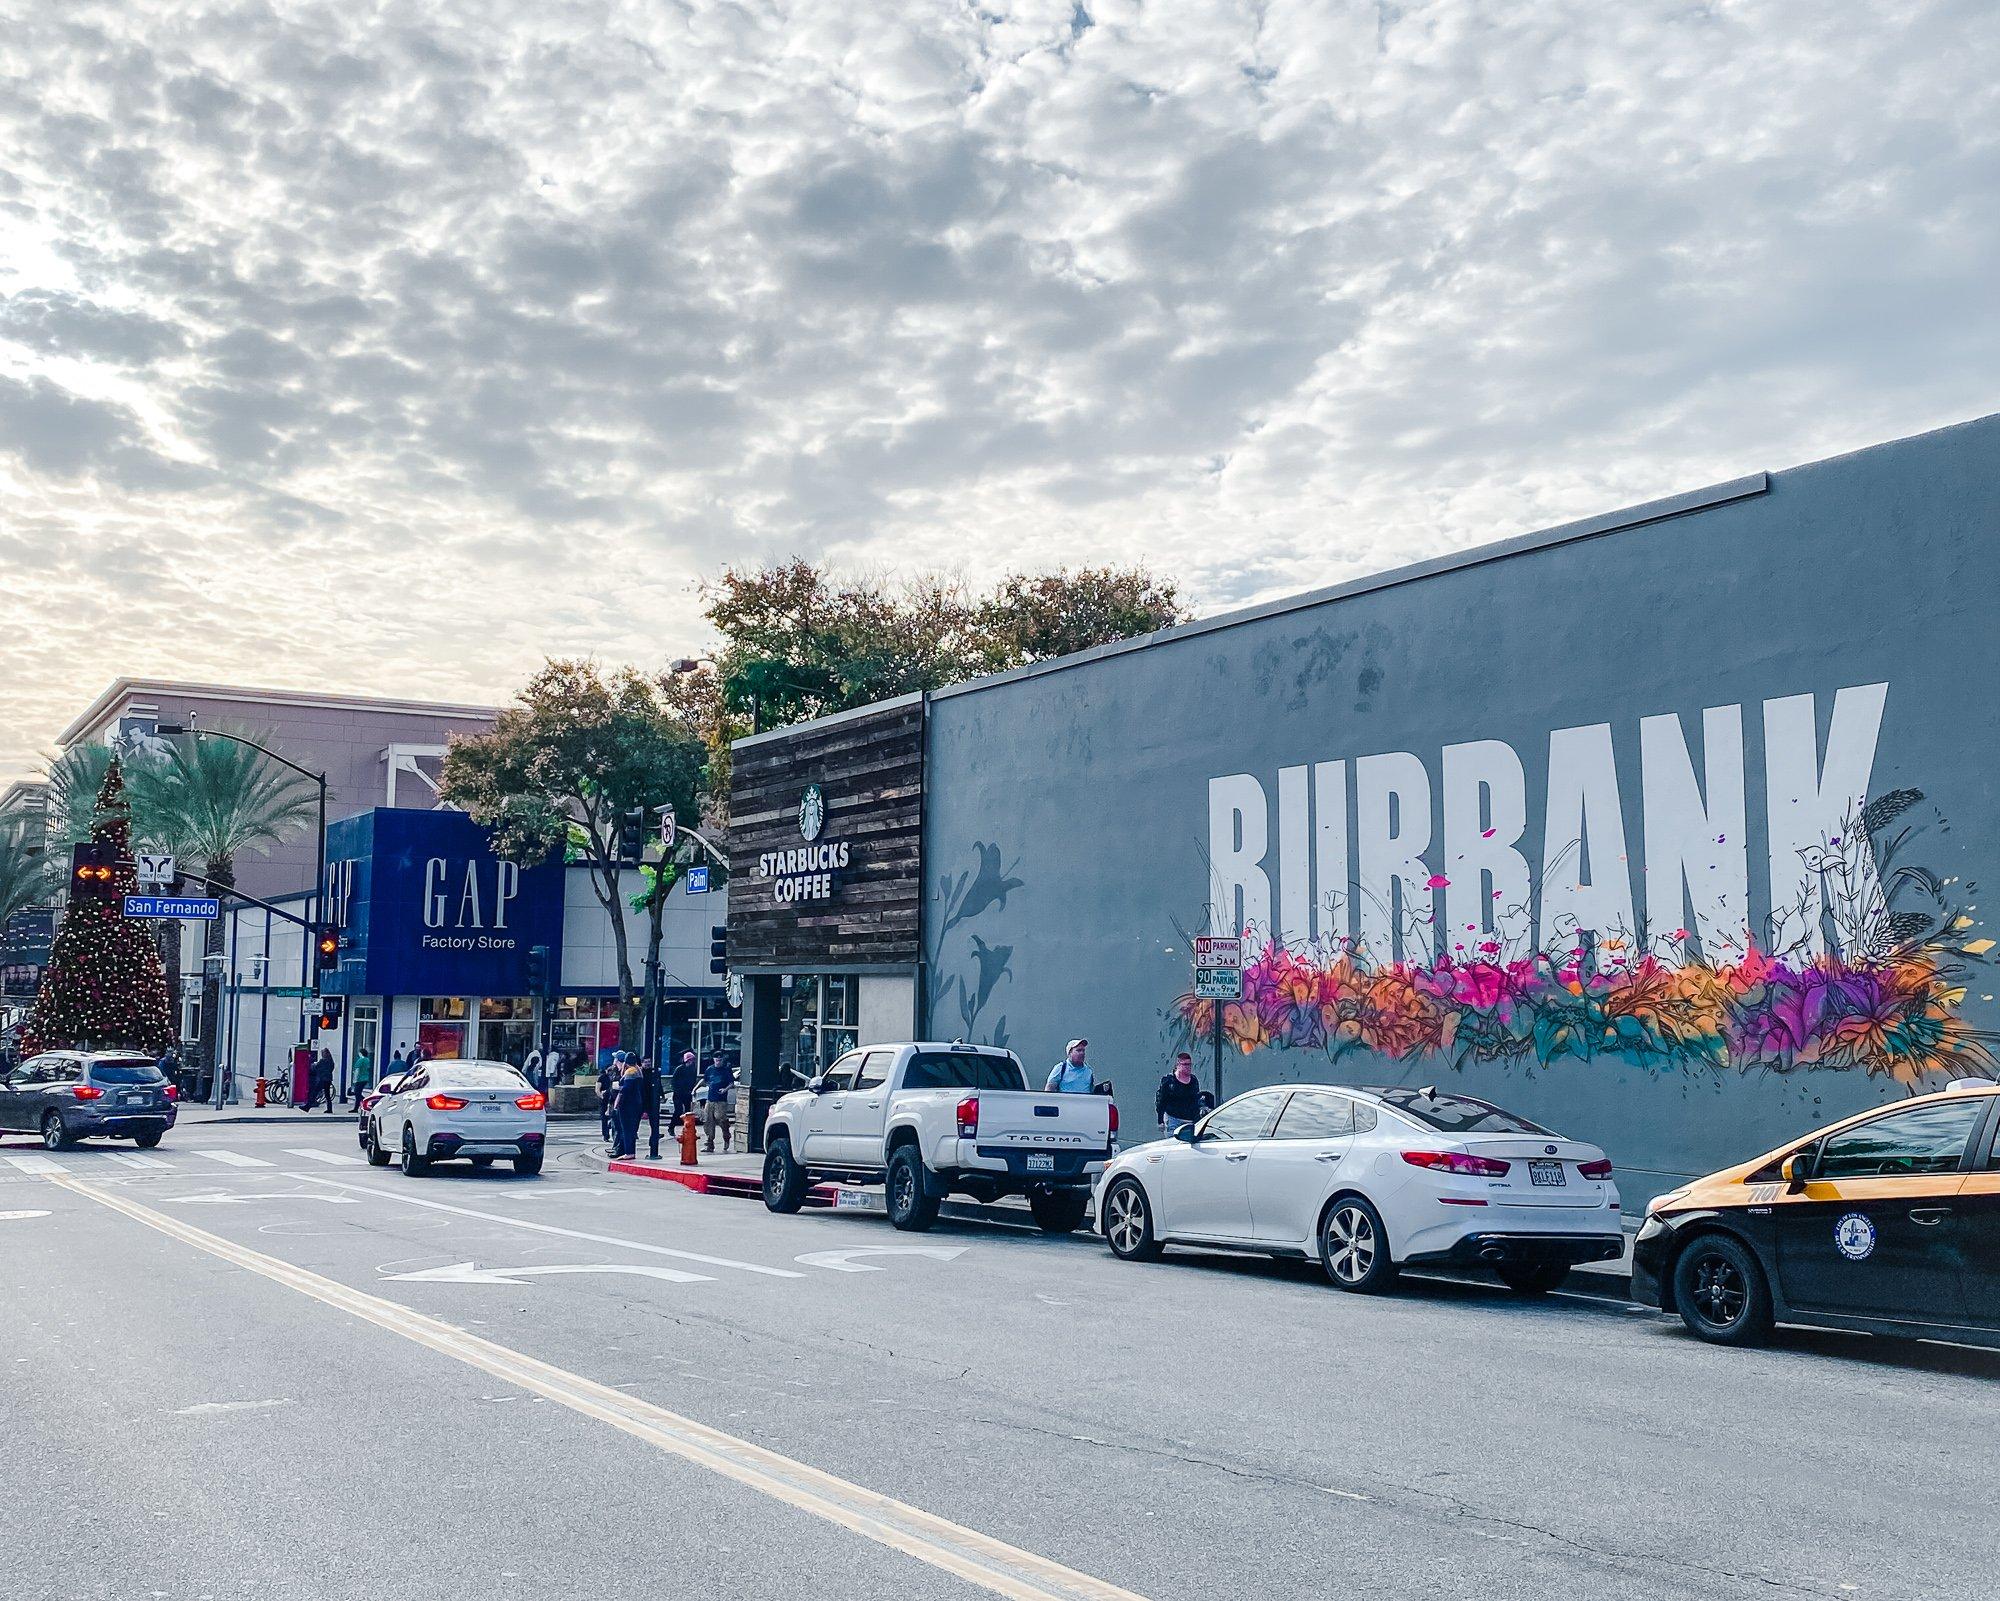 Mural in Downtown Burbank CA